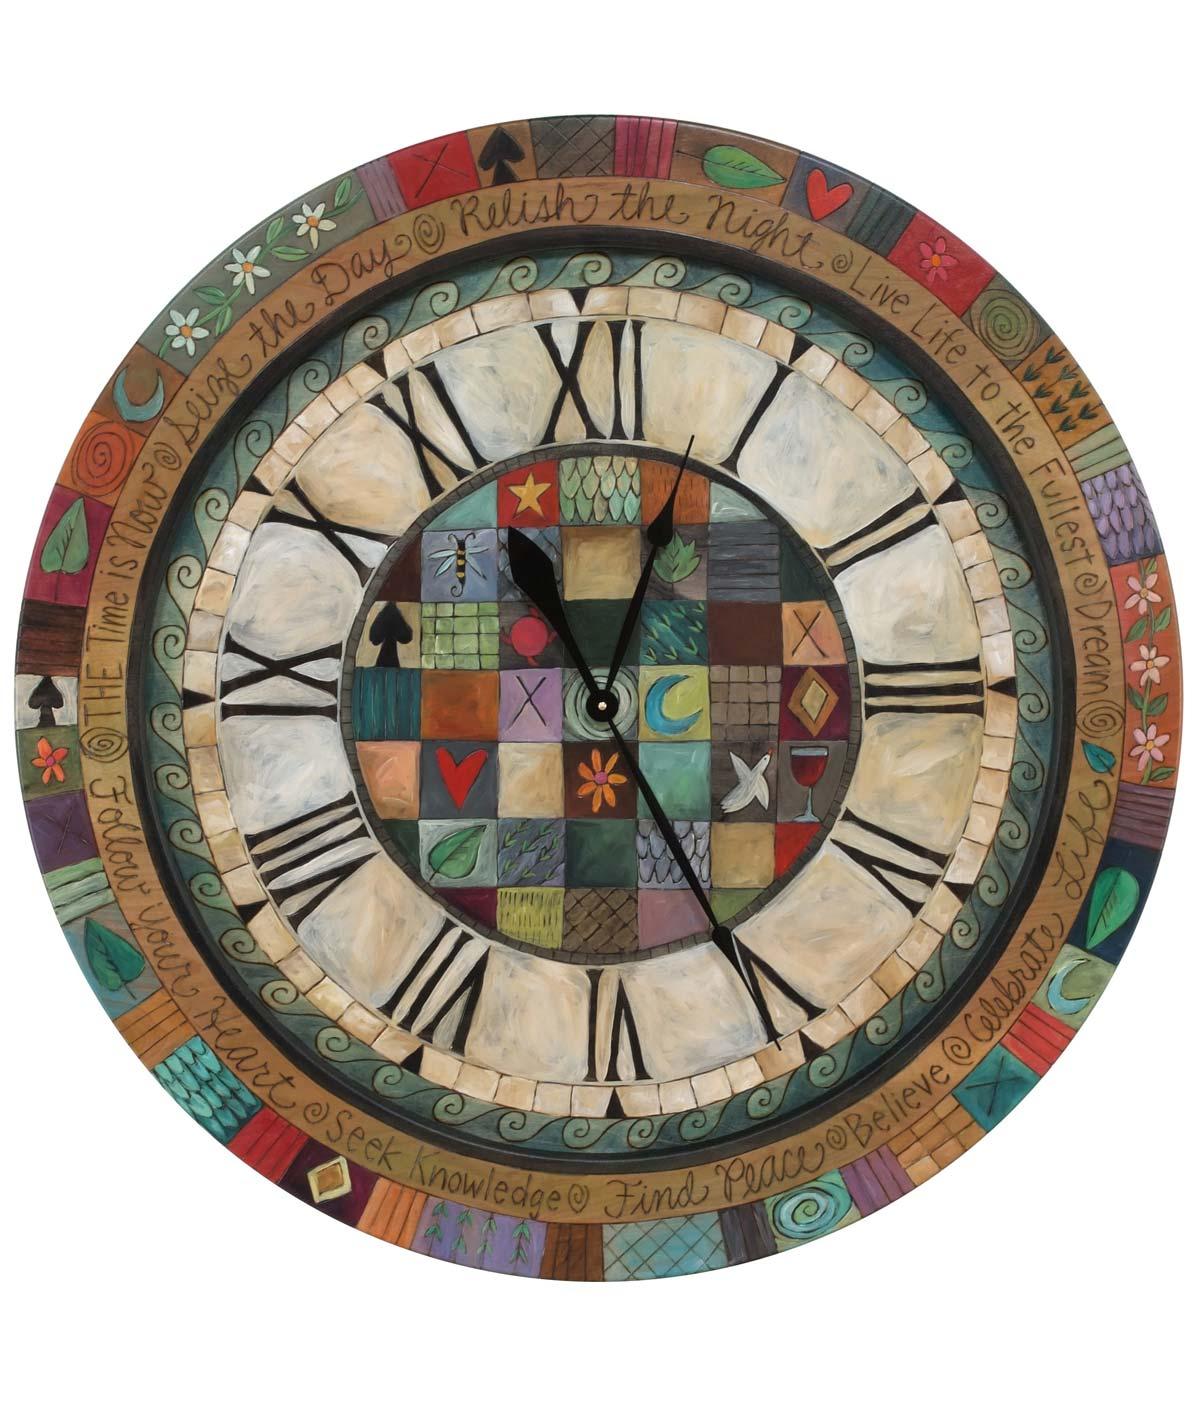 10 Unique Wall Clocks - InfoBarrel